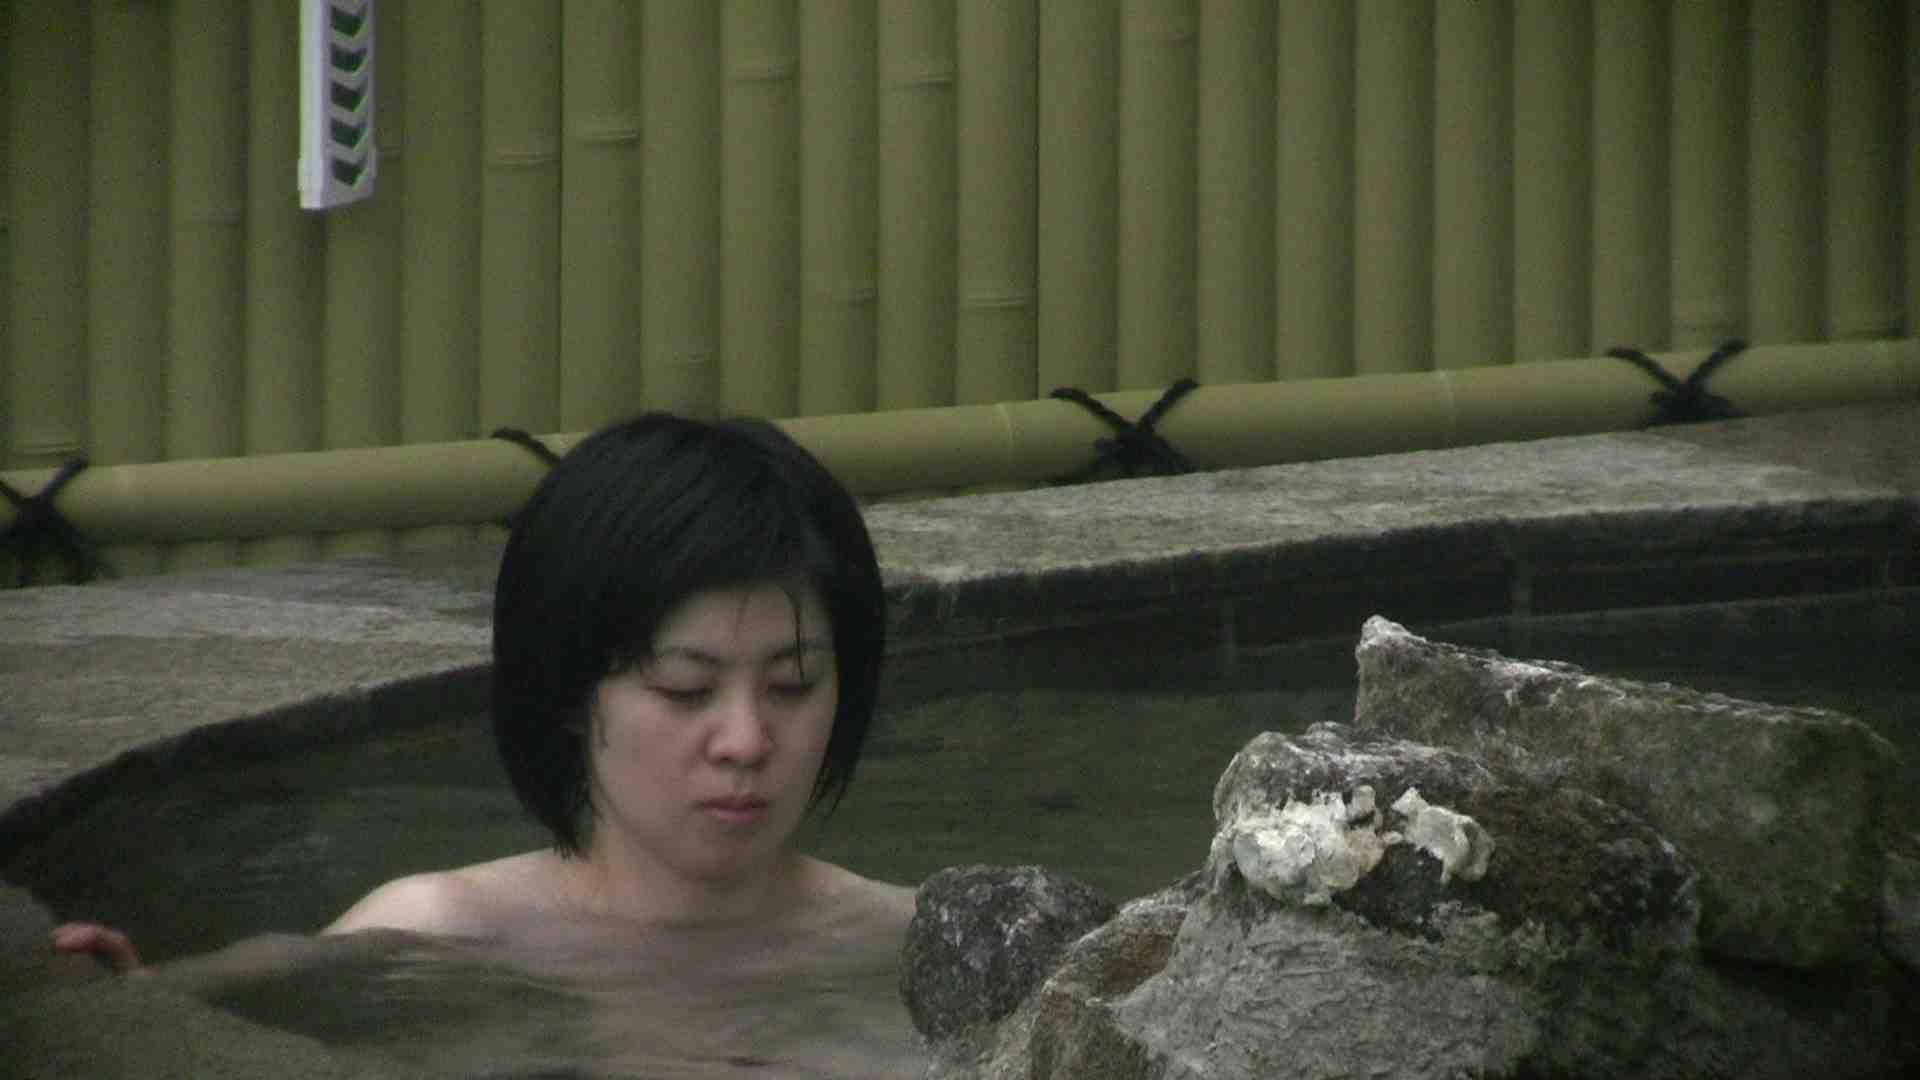 Aquaな露天風呂Vol.685 盗撮シリーズ  95PIX 36